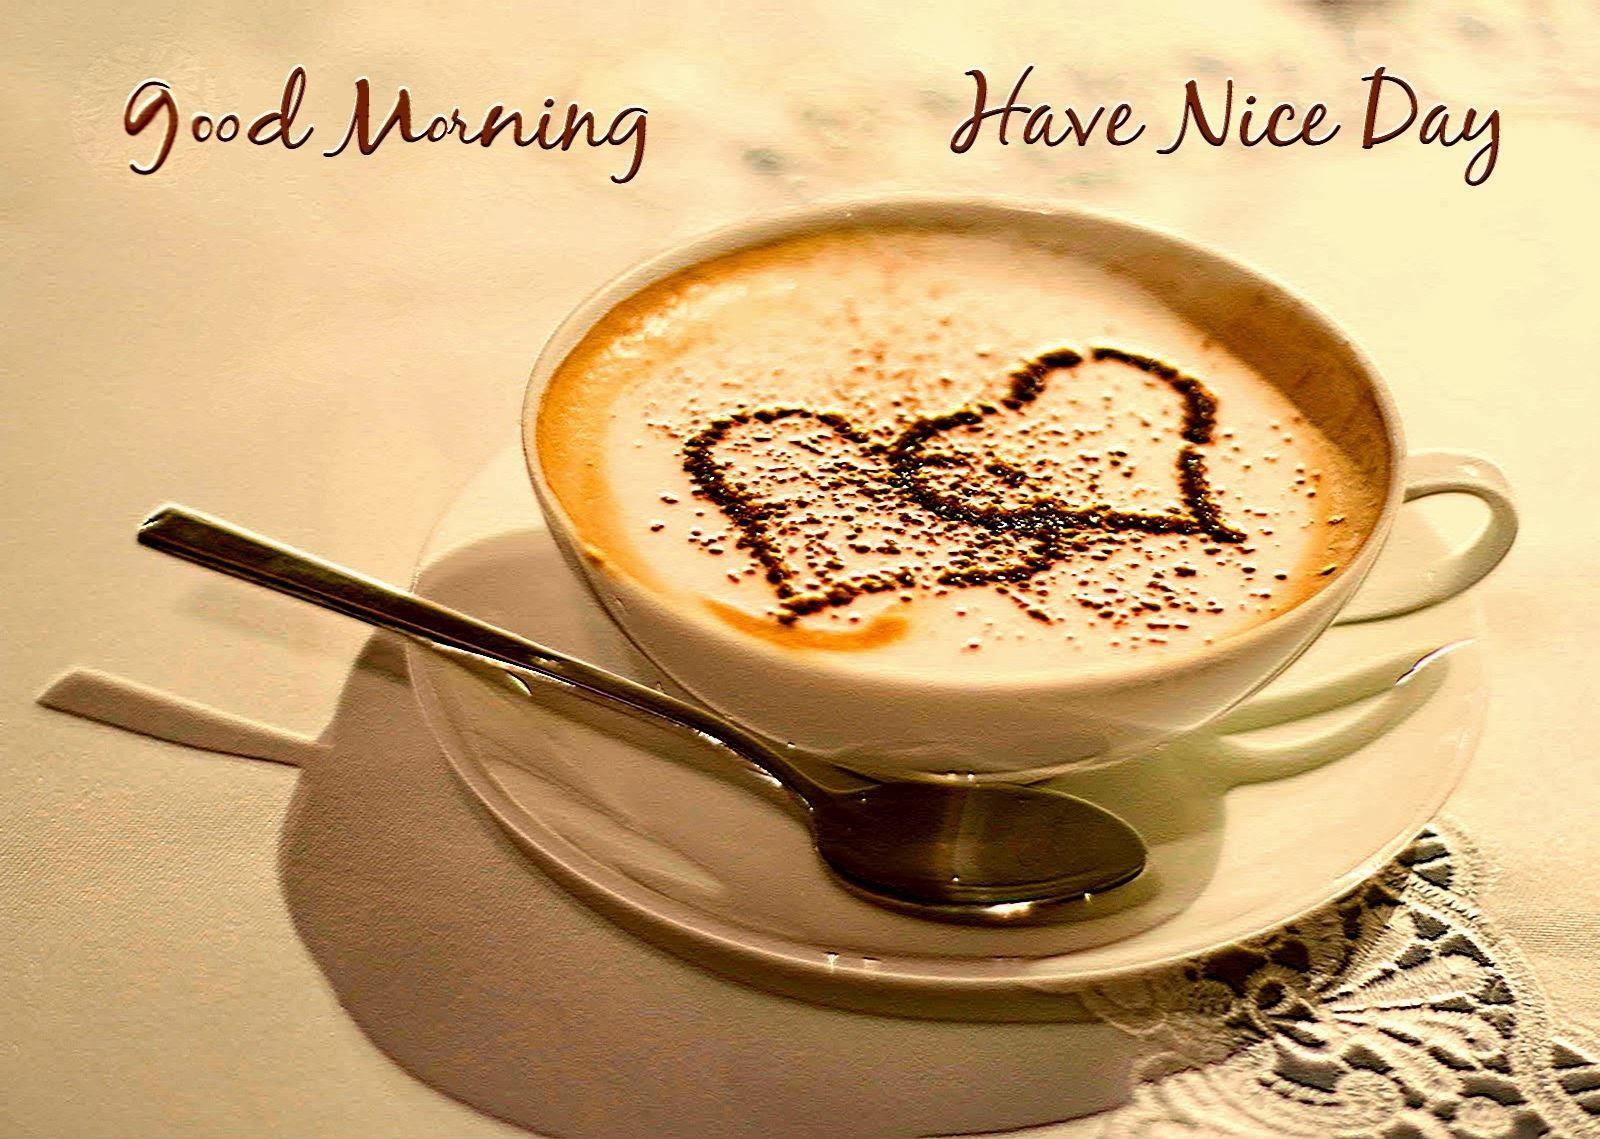 صور صباح الخير للاصدقاء والاحبة بالانجليزية مجلة رجيم